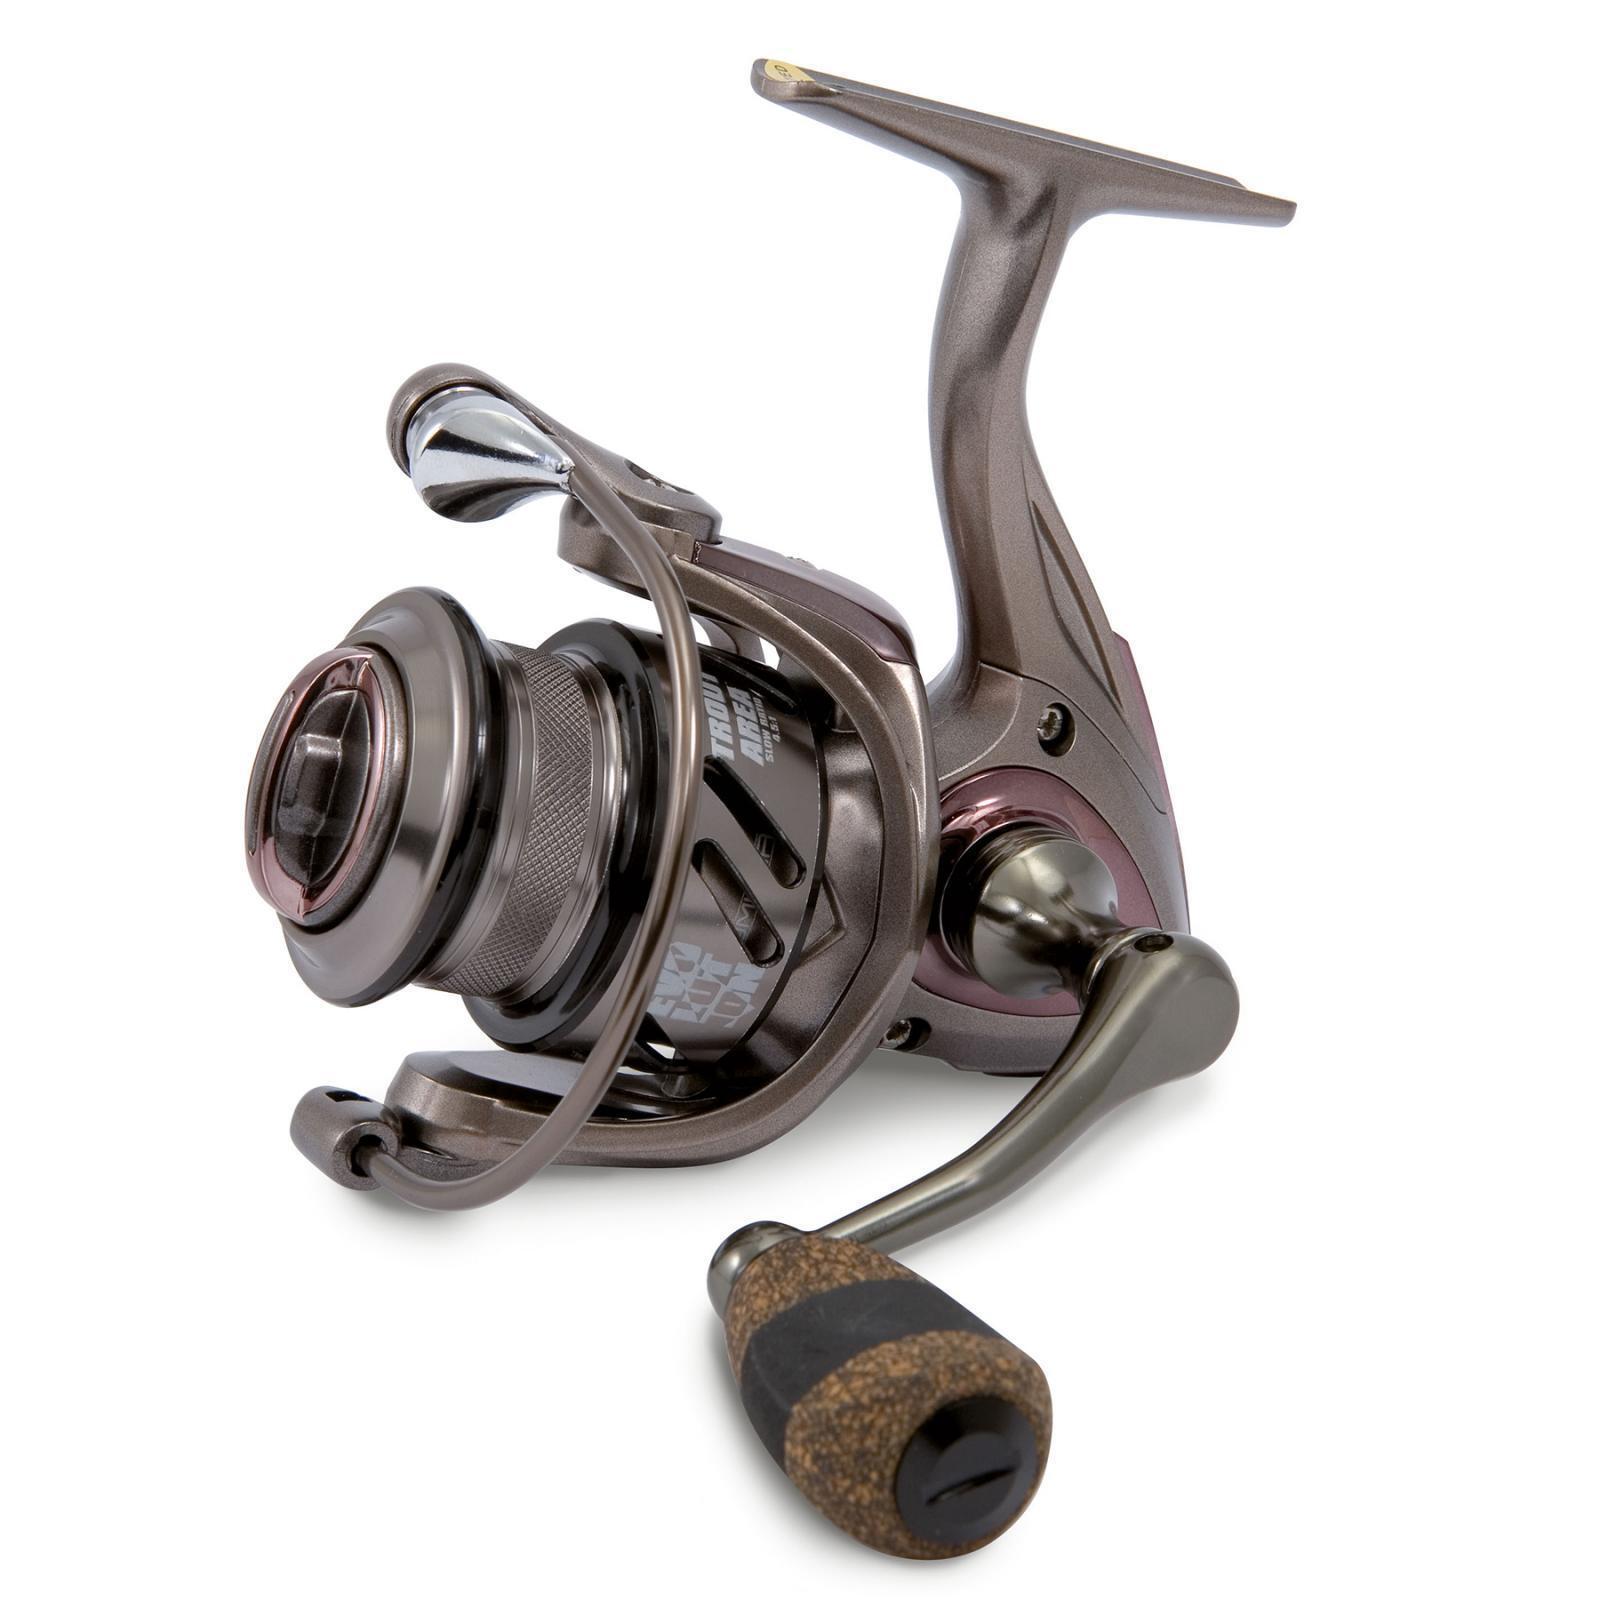 NM10321120 Mulinello Pesca Nomura Hiro Evolution 2000 Trout Area 10+1 Bb PP